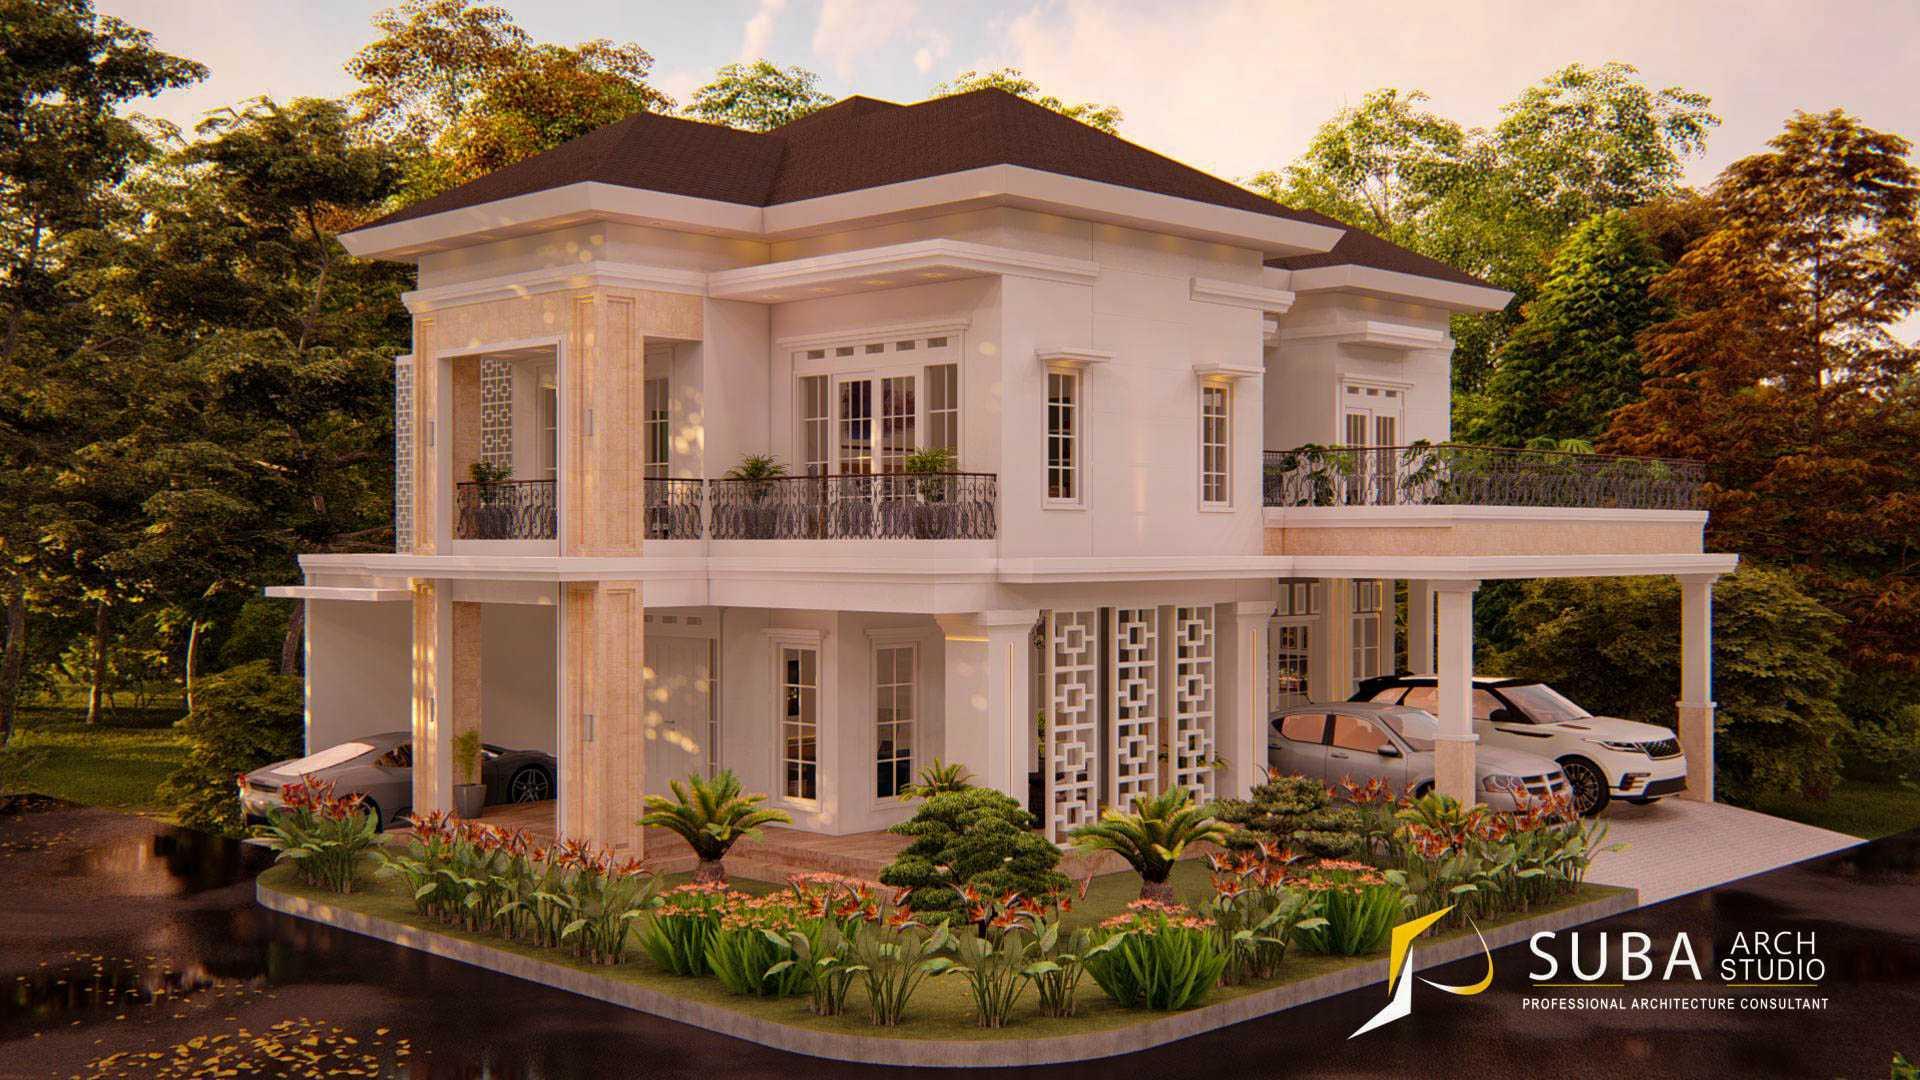 Suba-Arch Desain Rencana Renovasi Rumah Tinggal 2Lt 15 X 13 @bu Iis Bogor, Jawa Barat, Indonesia Bogor, Jawa Barat, Indonesia Suba-Arch-Desain-Rencana-Renovasi-Rumah-Tinggal-2Lt-15-X-13-Bu-Iis  86838